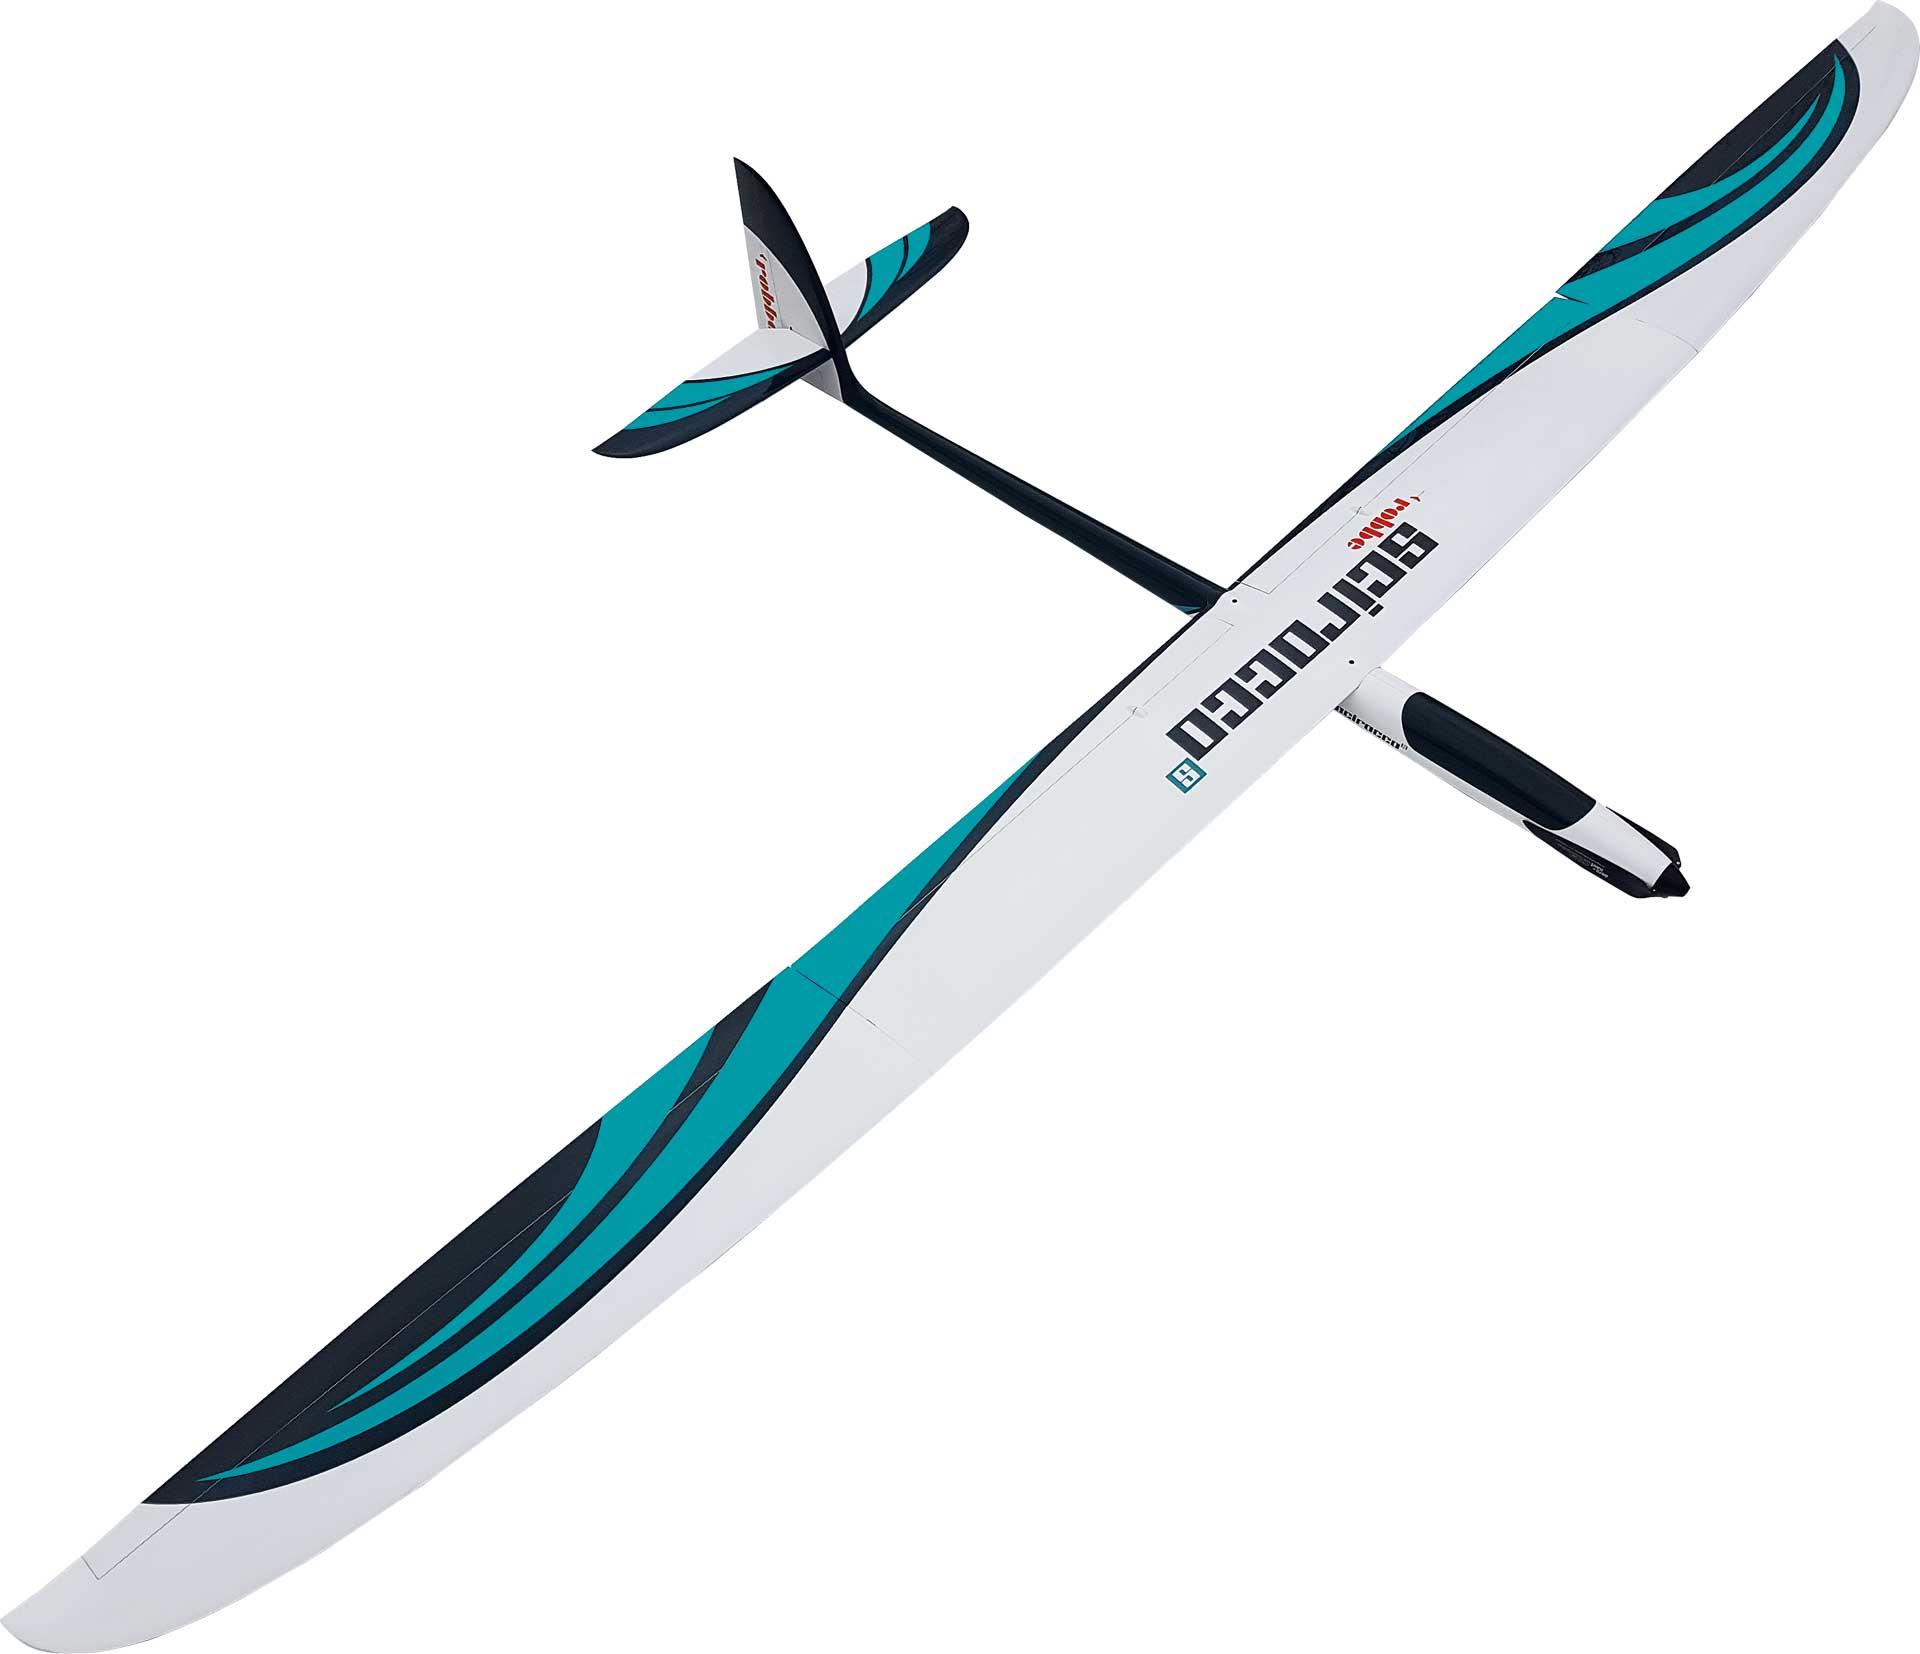 Robbe Modellsport SCIROCCO S 3,75M PNP en fibre de verre PLANEUR HAUTE PERFORMANCE AVEC VOLETS À 4 AILES